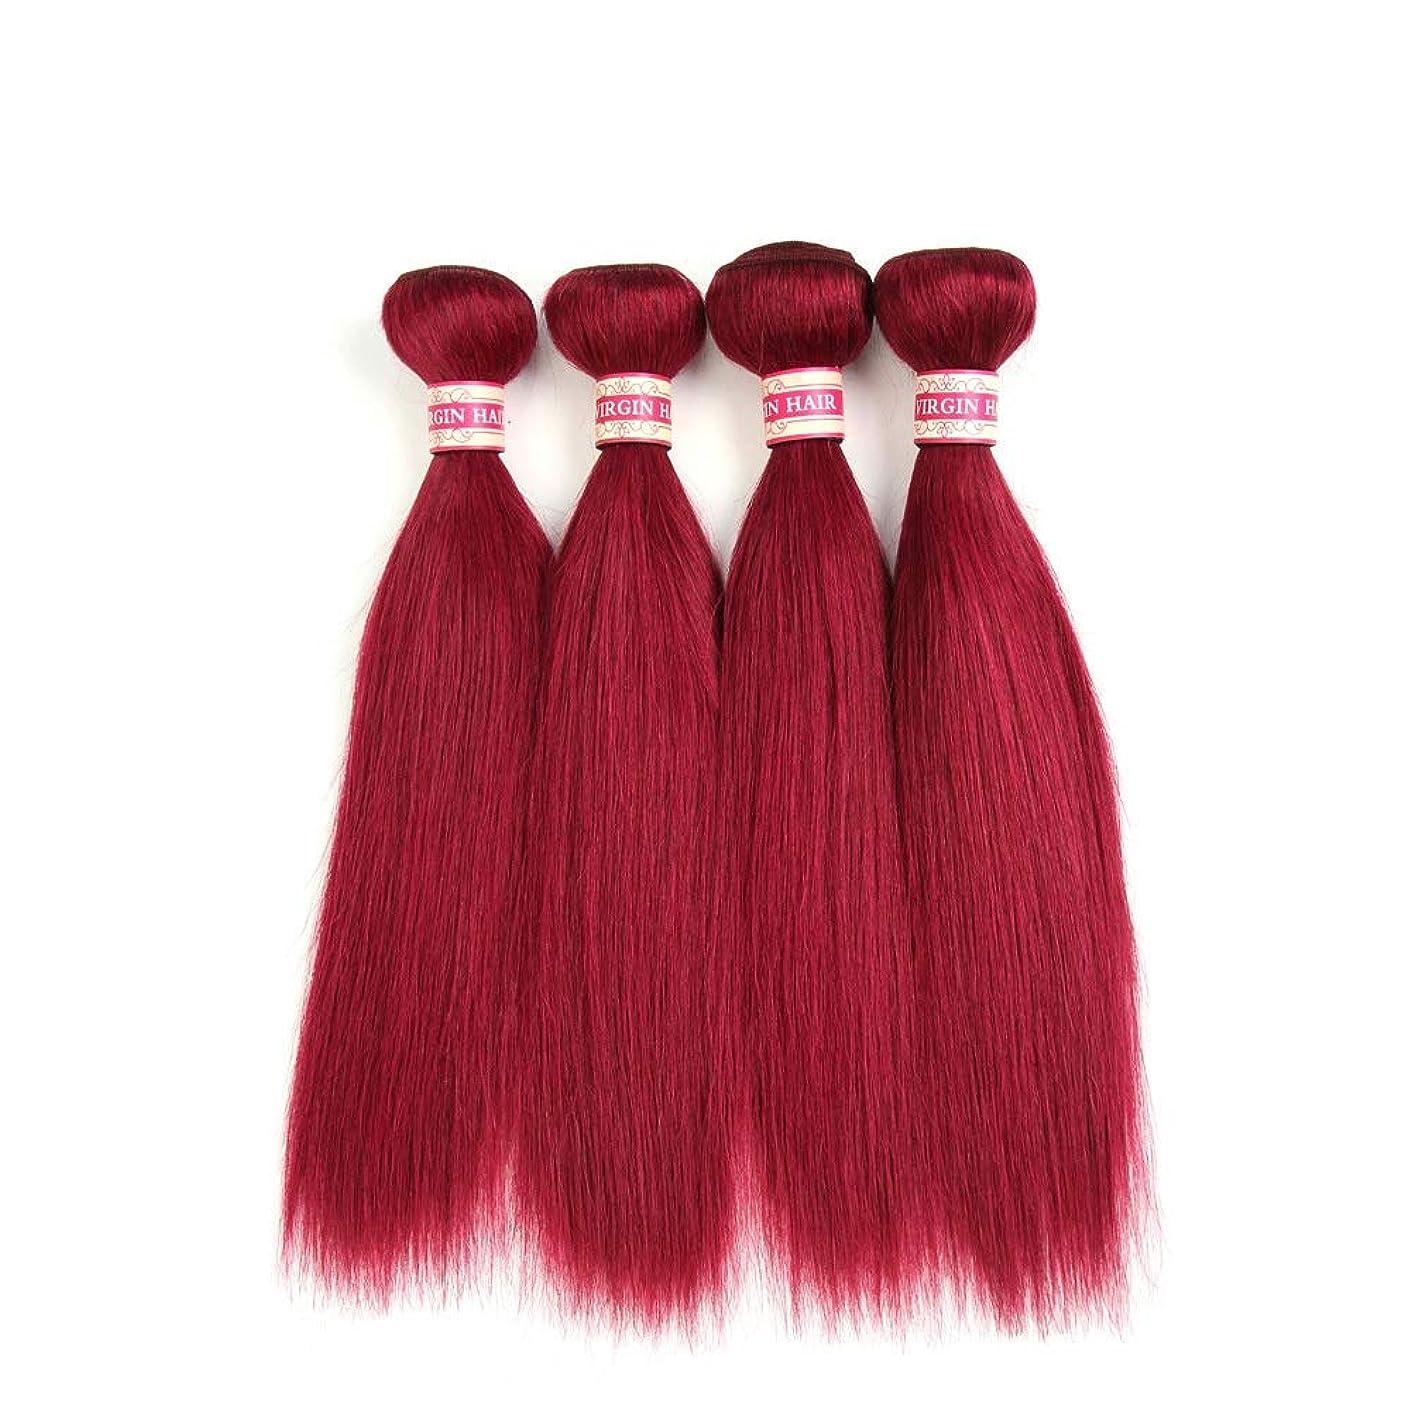 最少八百屋宇宙のHOHYLLYA ブラジルストレートヘアバンドル未処理の人間の髪の毛の拡張子本物の人間の髪の毛#118ローズレッドカラー(8